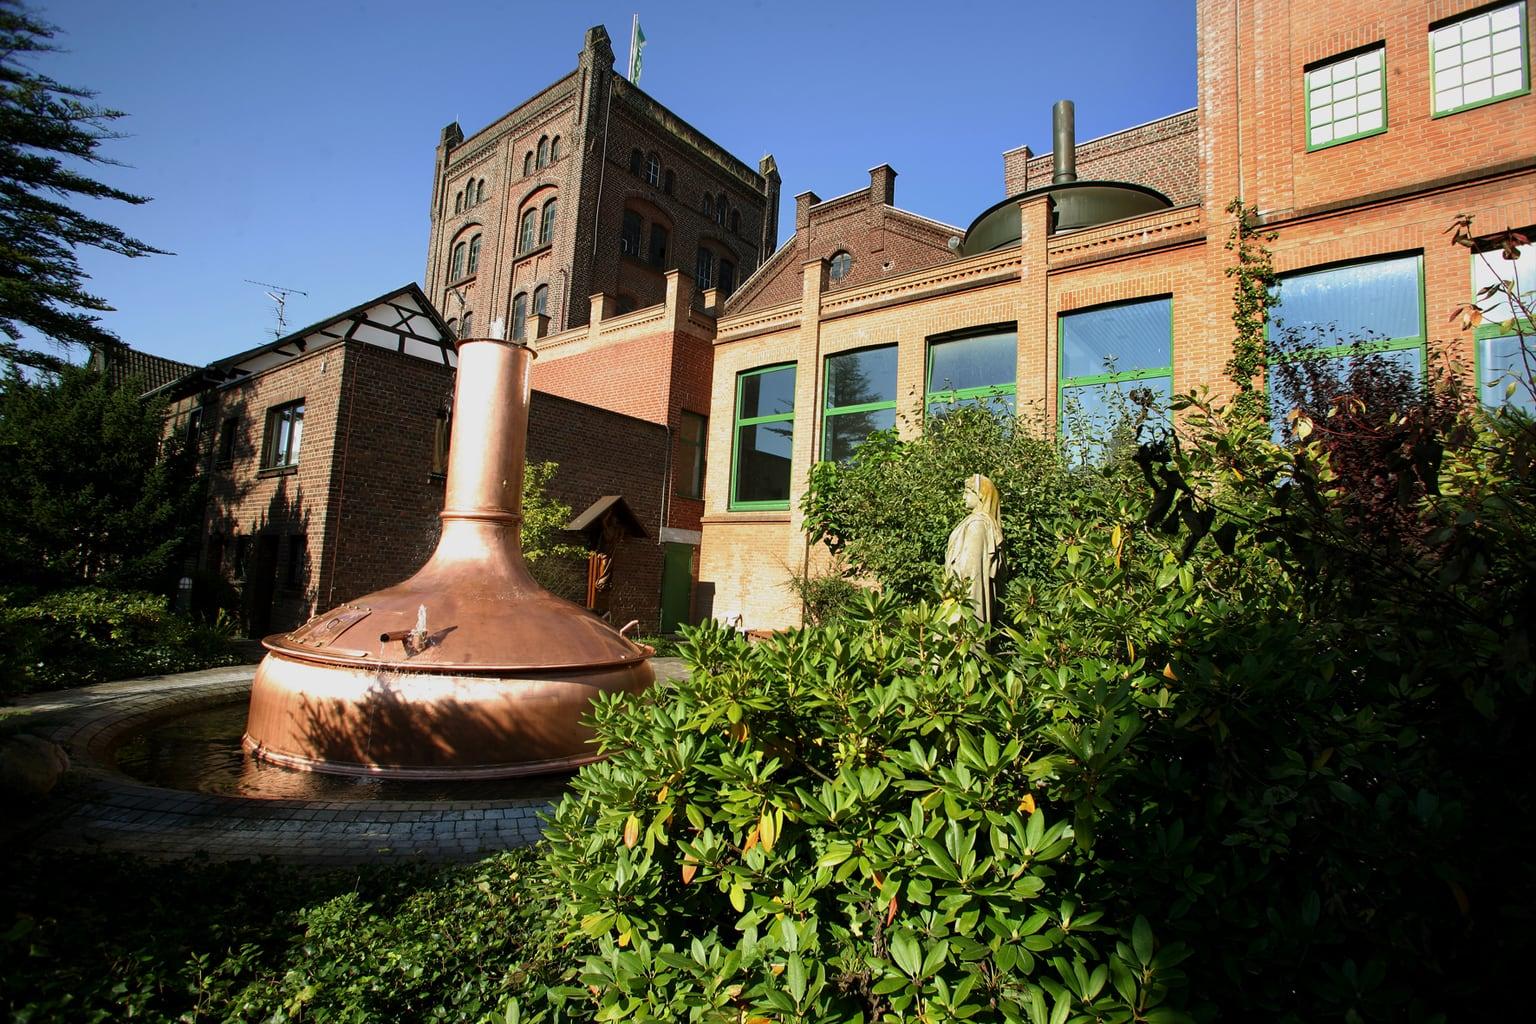 De brouwerij Bolten in Korschenbroich is de oudste brouwerij ter wereld voor Altbier